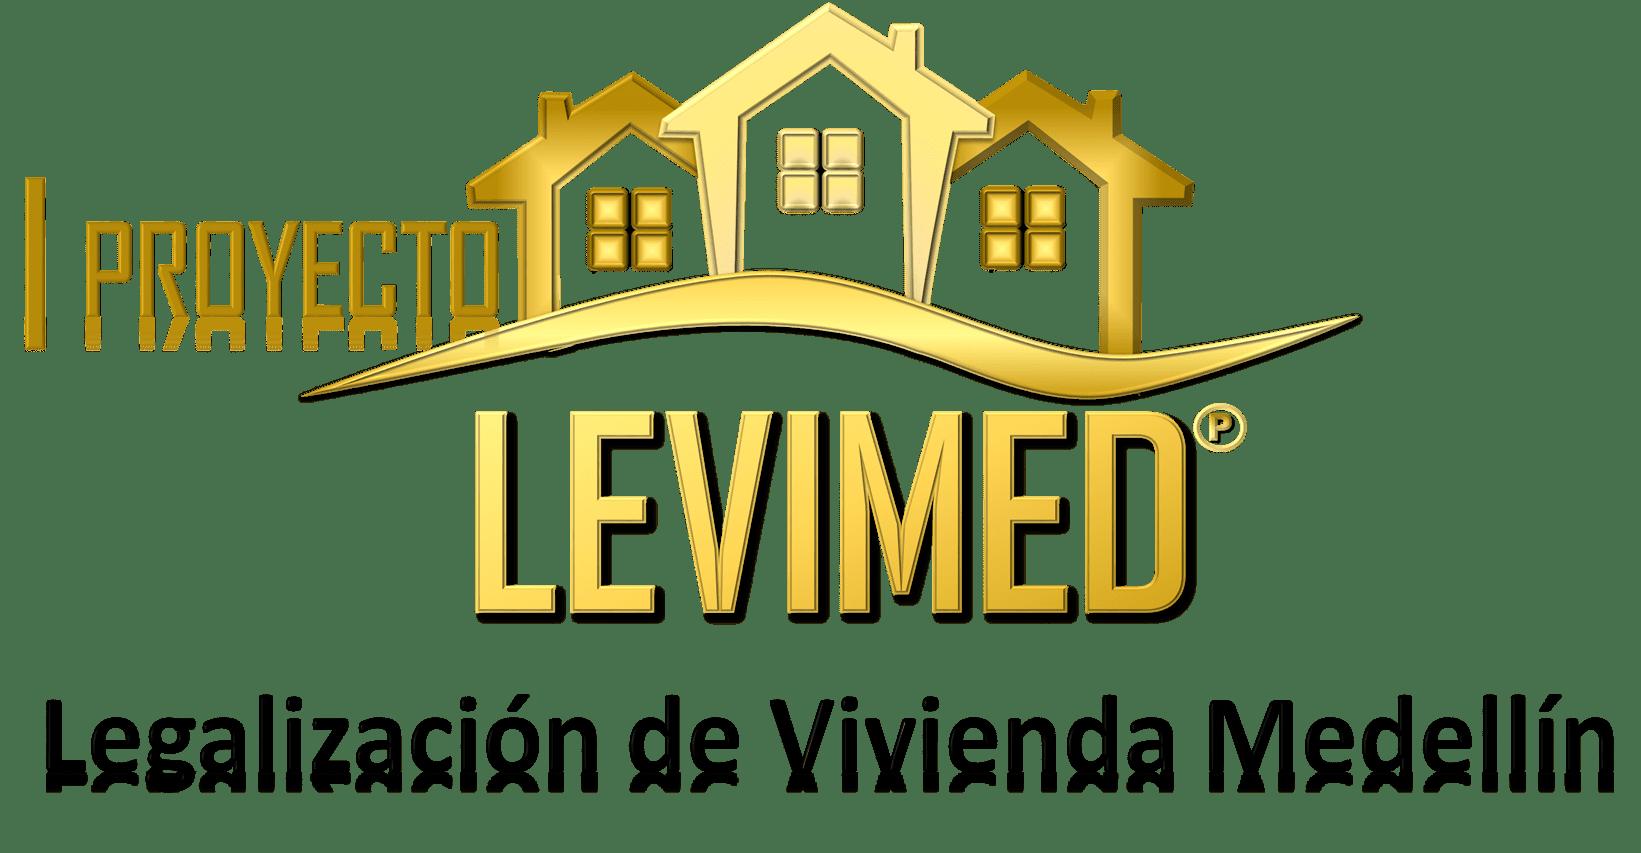 Proyecto LEVIMED - Legalización de Vivienda en Medellín